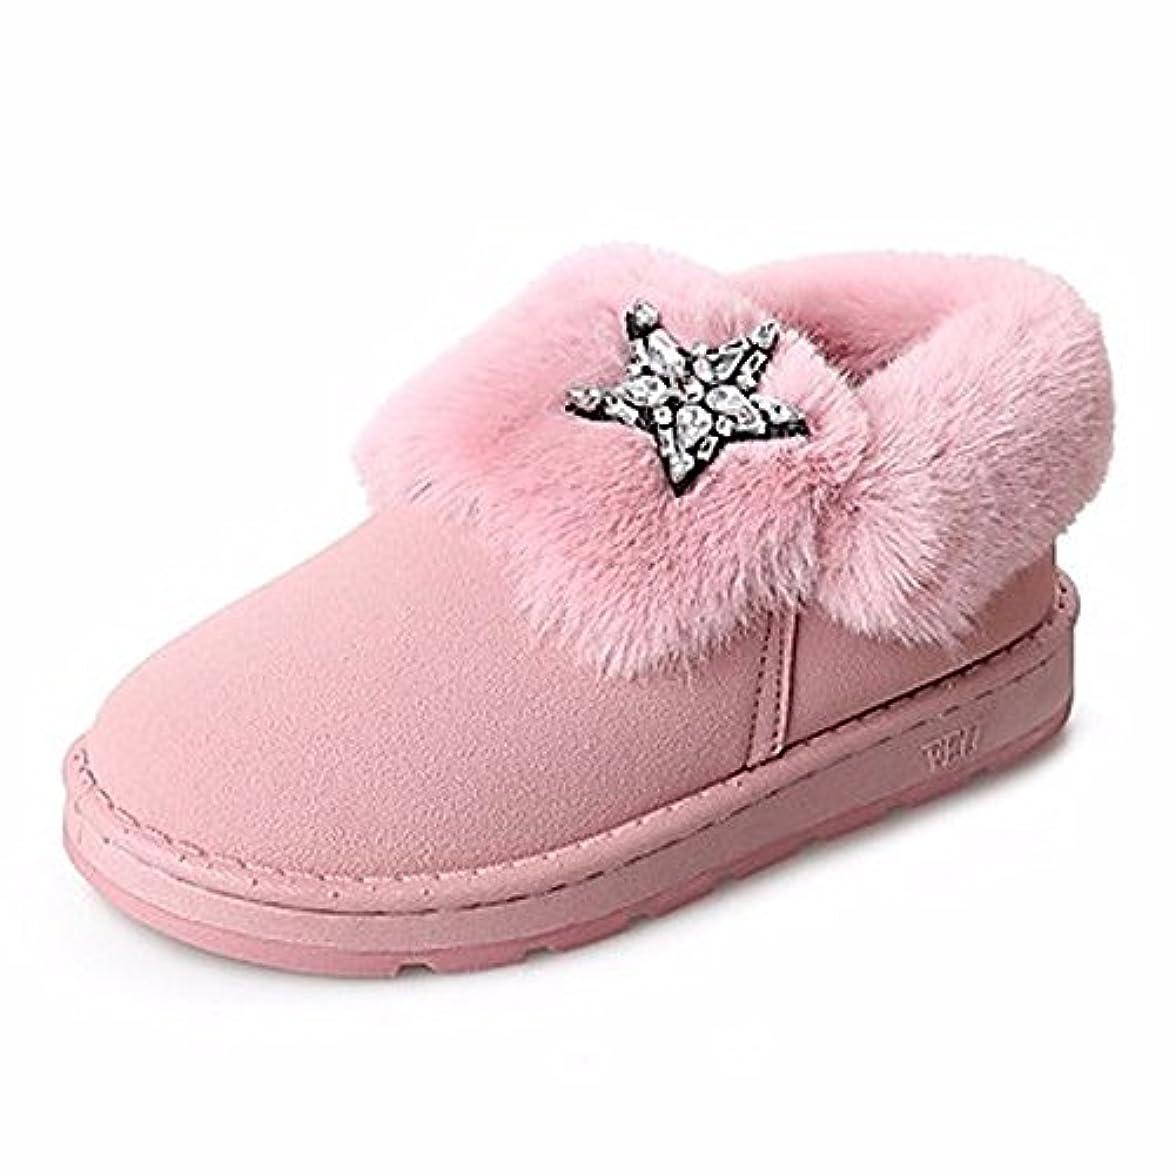 Zhudj Scarpe Donna Winter Snow Boots Stivali Tacco Piatto Punta Tonda Strass Per Casual Party amp; Sera Arrossendo Rosa Grigio Nero rosa us5 5 Eu36 Uk3 5 Cn35